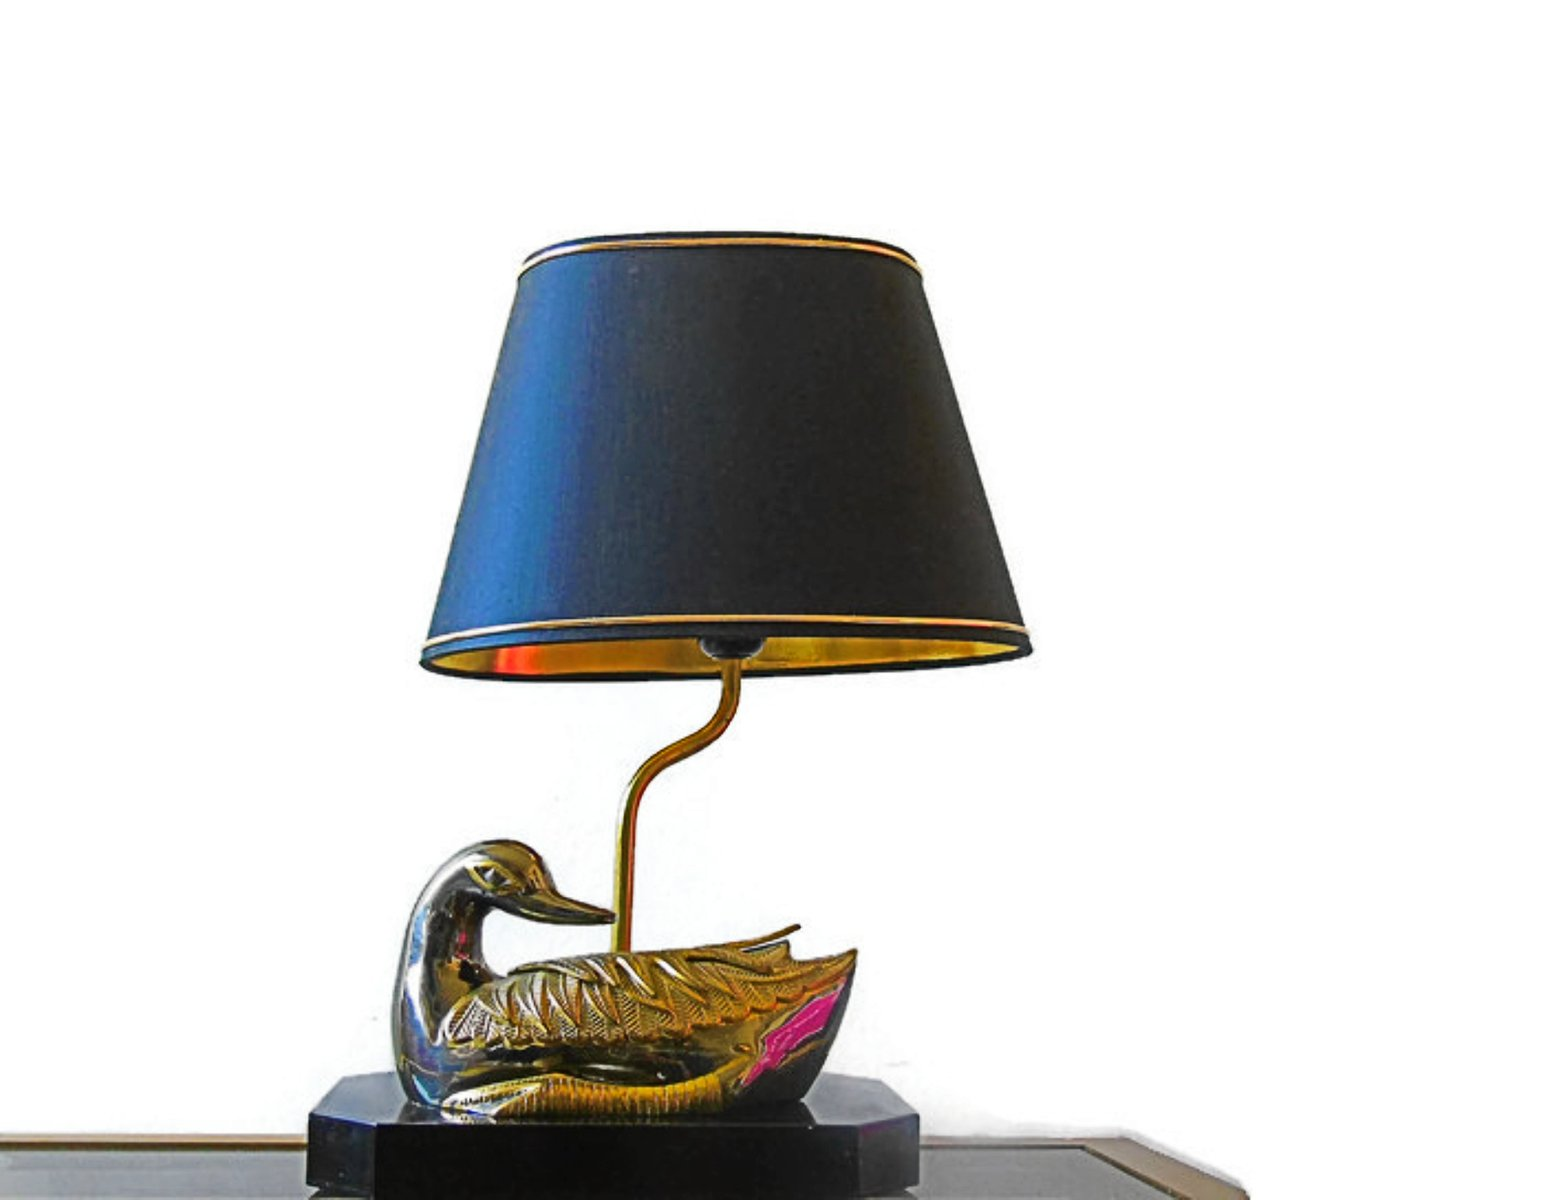 Vintage Tischlampe aus Messing in Entenoptik, 1970er